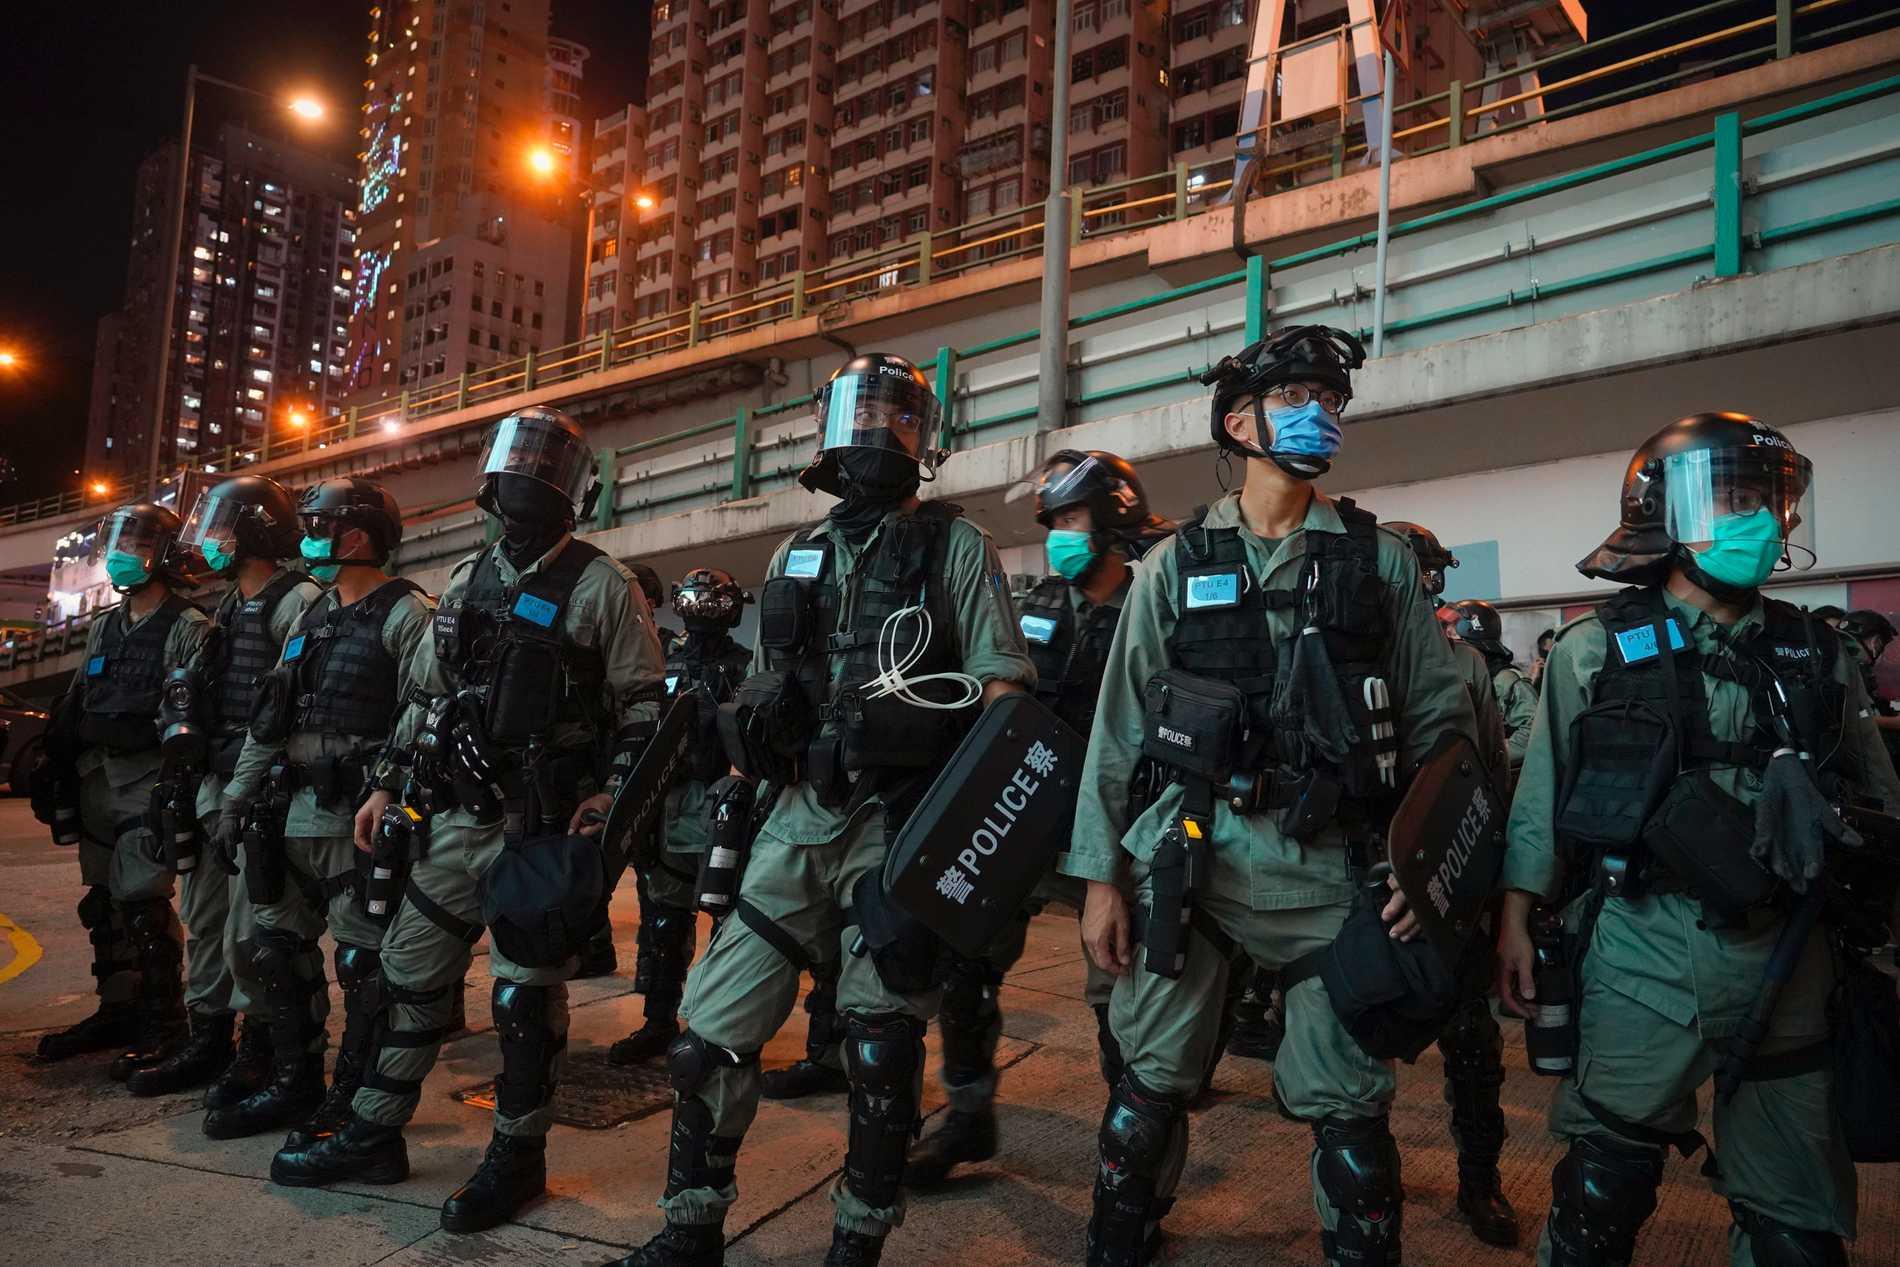 Kravallpolis på vakt efter att ha tryckt tillbaka demonstranter under onsdagens protester mot den nya säkerhetslagen för Hongkong, som kritiker befarar innebär slutet på områdets särskilda status.